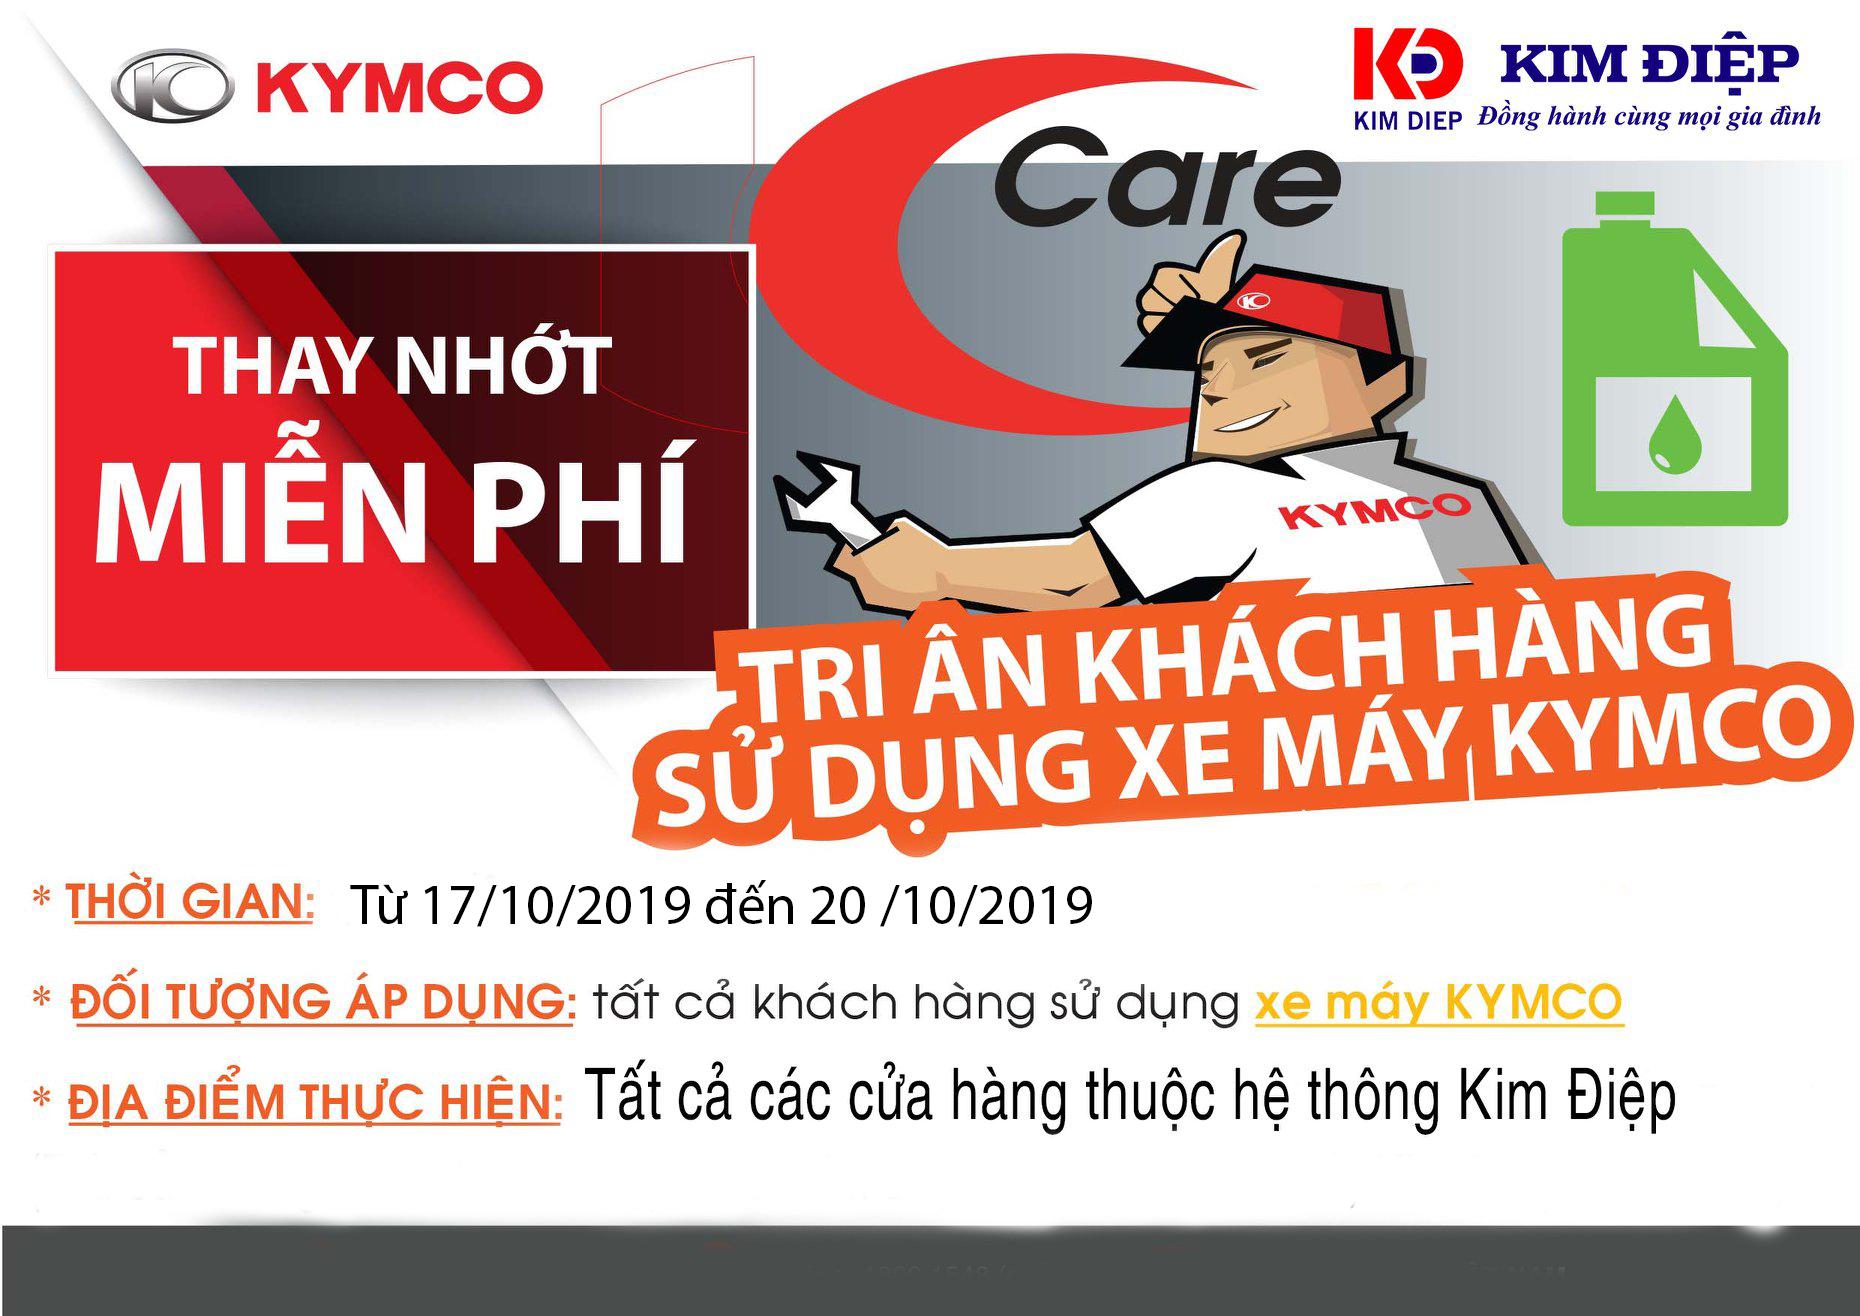 KYMCO Việt Nam trân trọng thông báo đến Quý Khách hàng chương trình TRI ÂN KHÁCH HÀNG SỬ DỤNG XE MÁY KYMCO